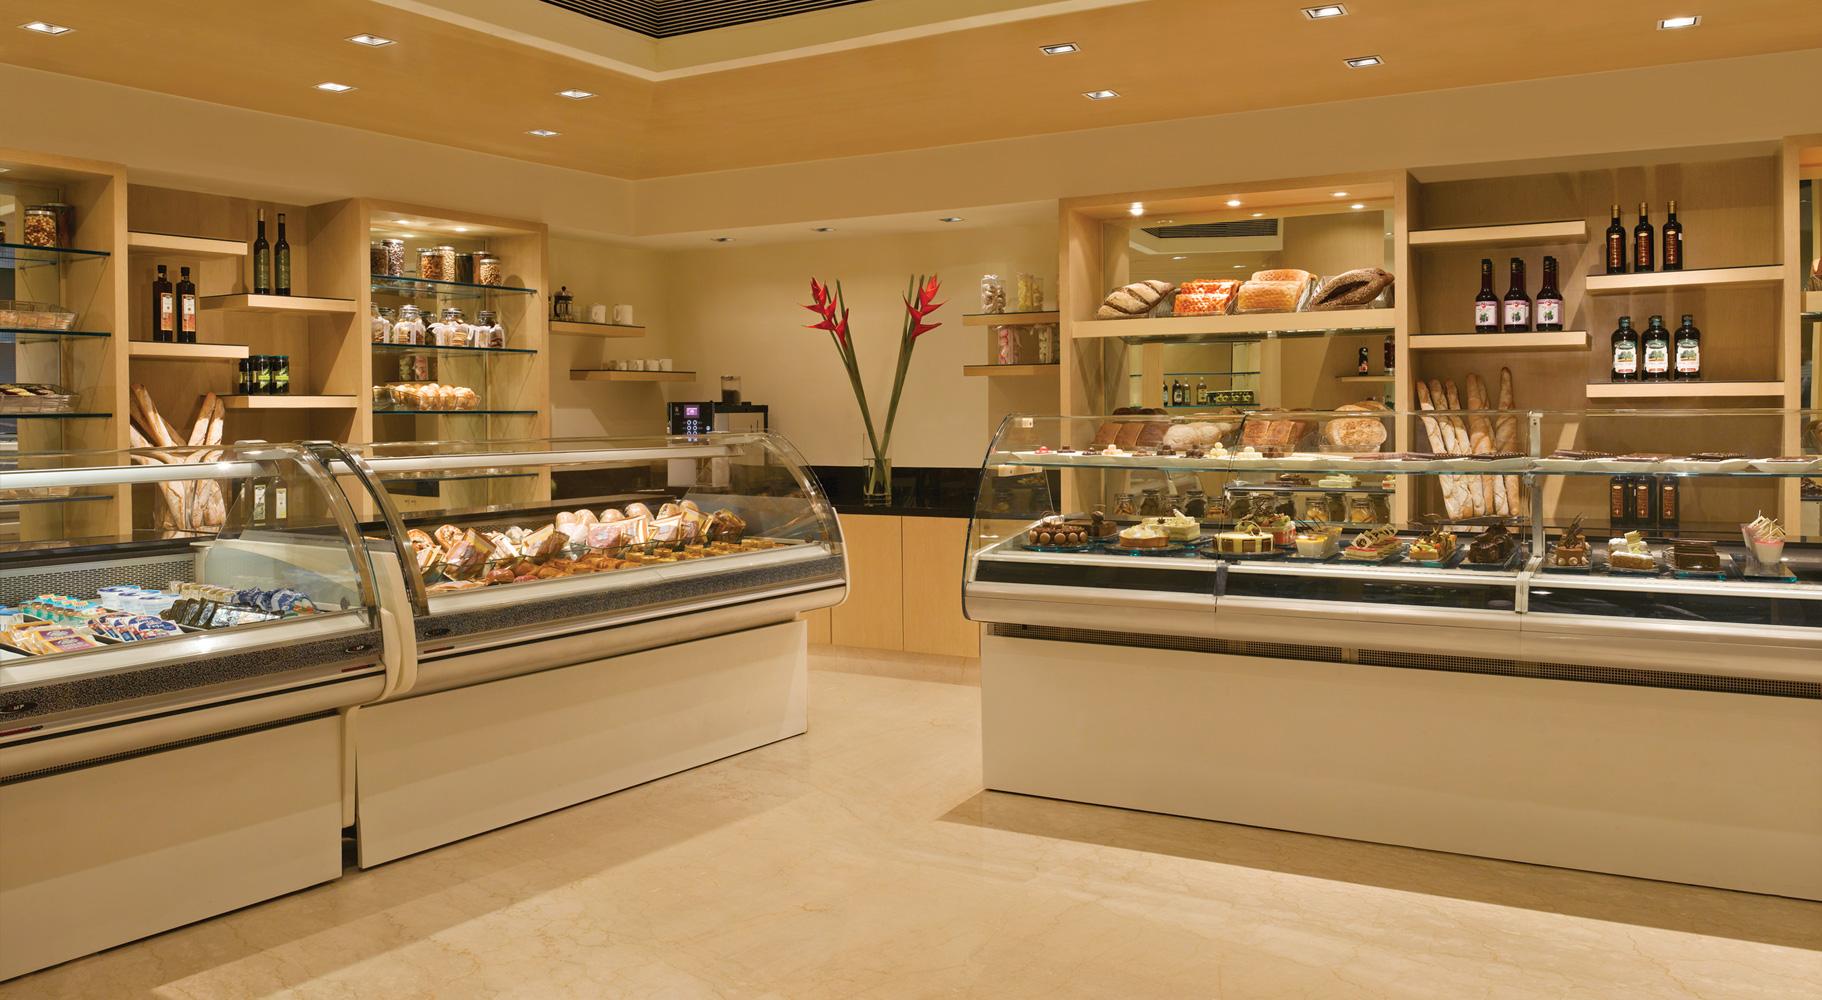 Cake Shop In Bkc